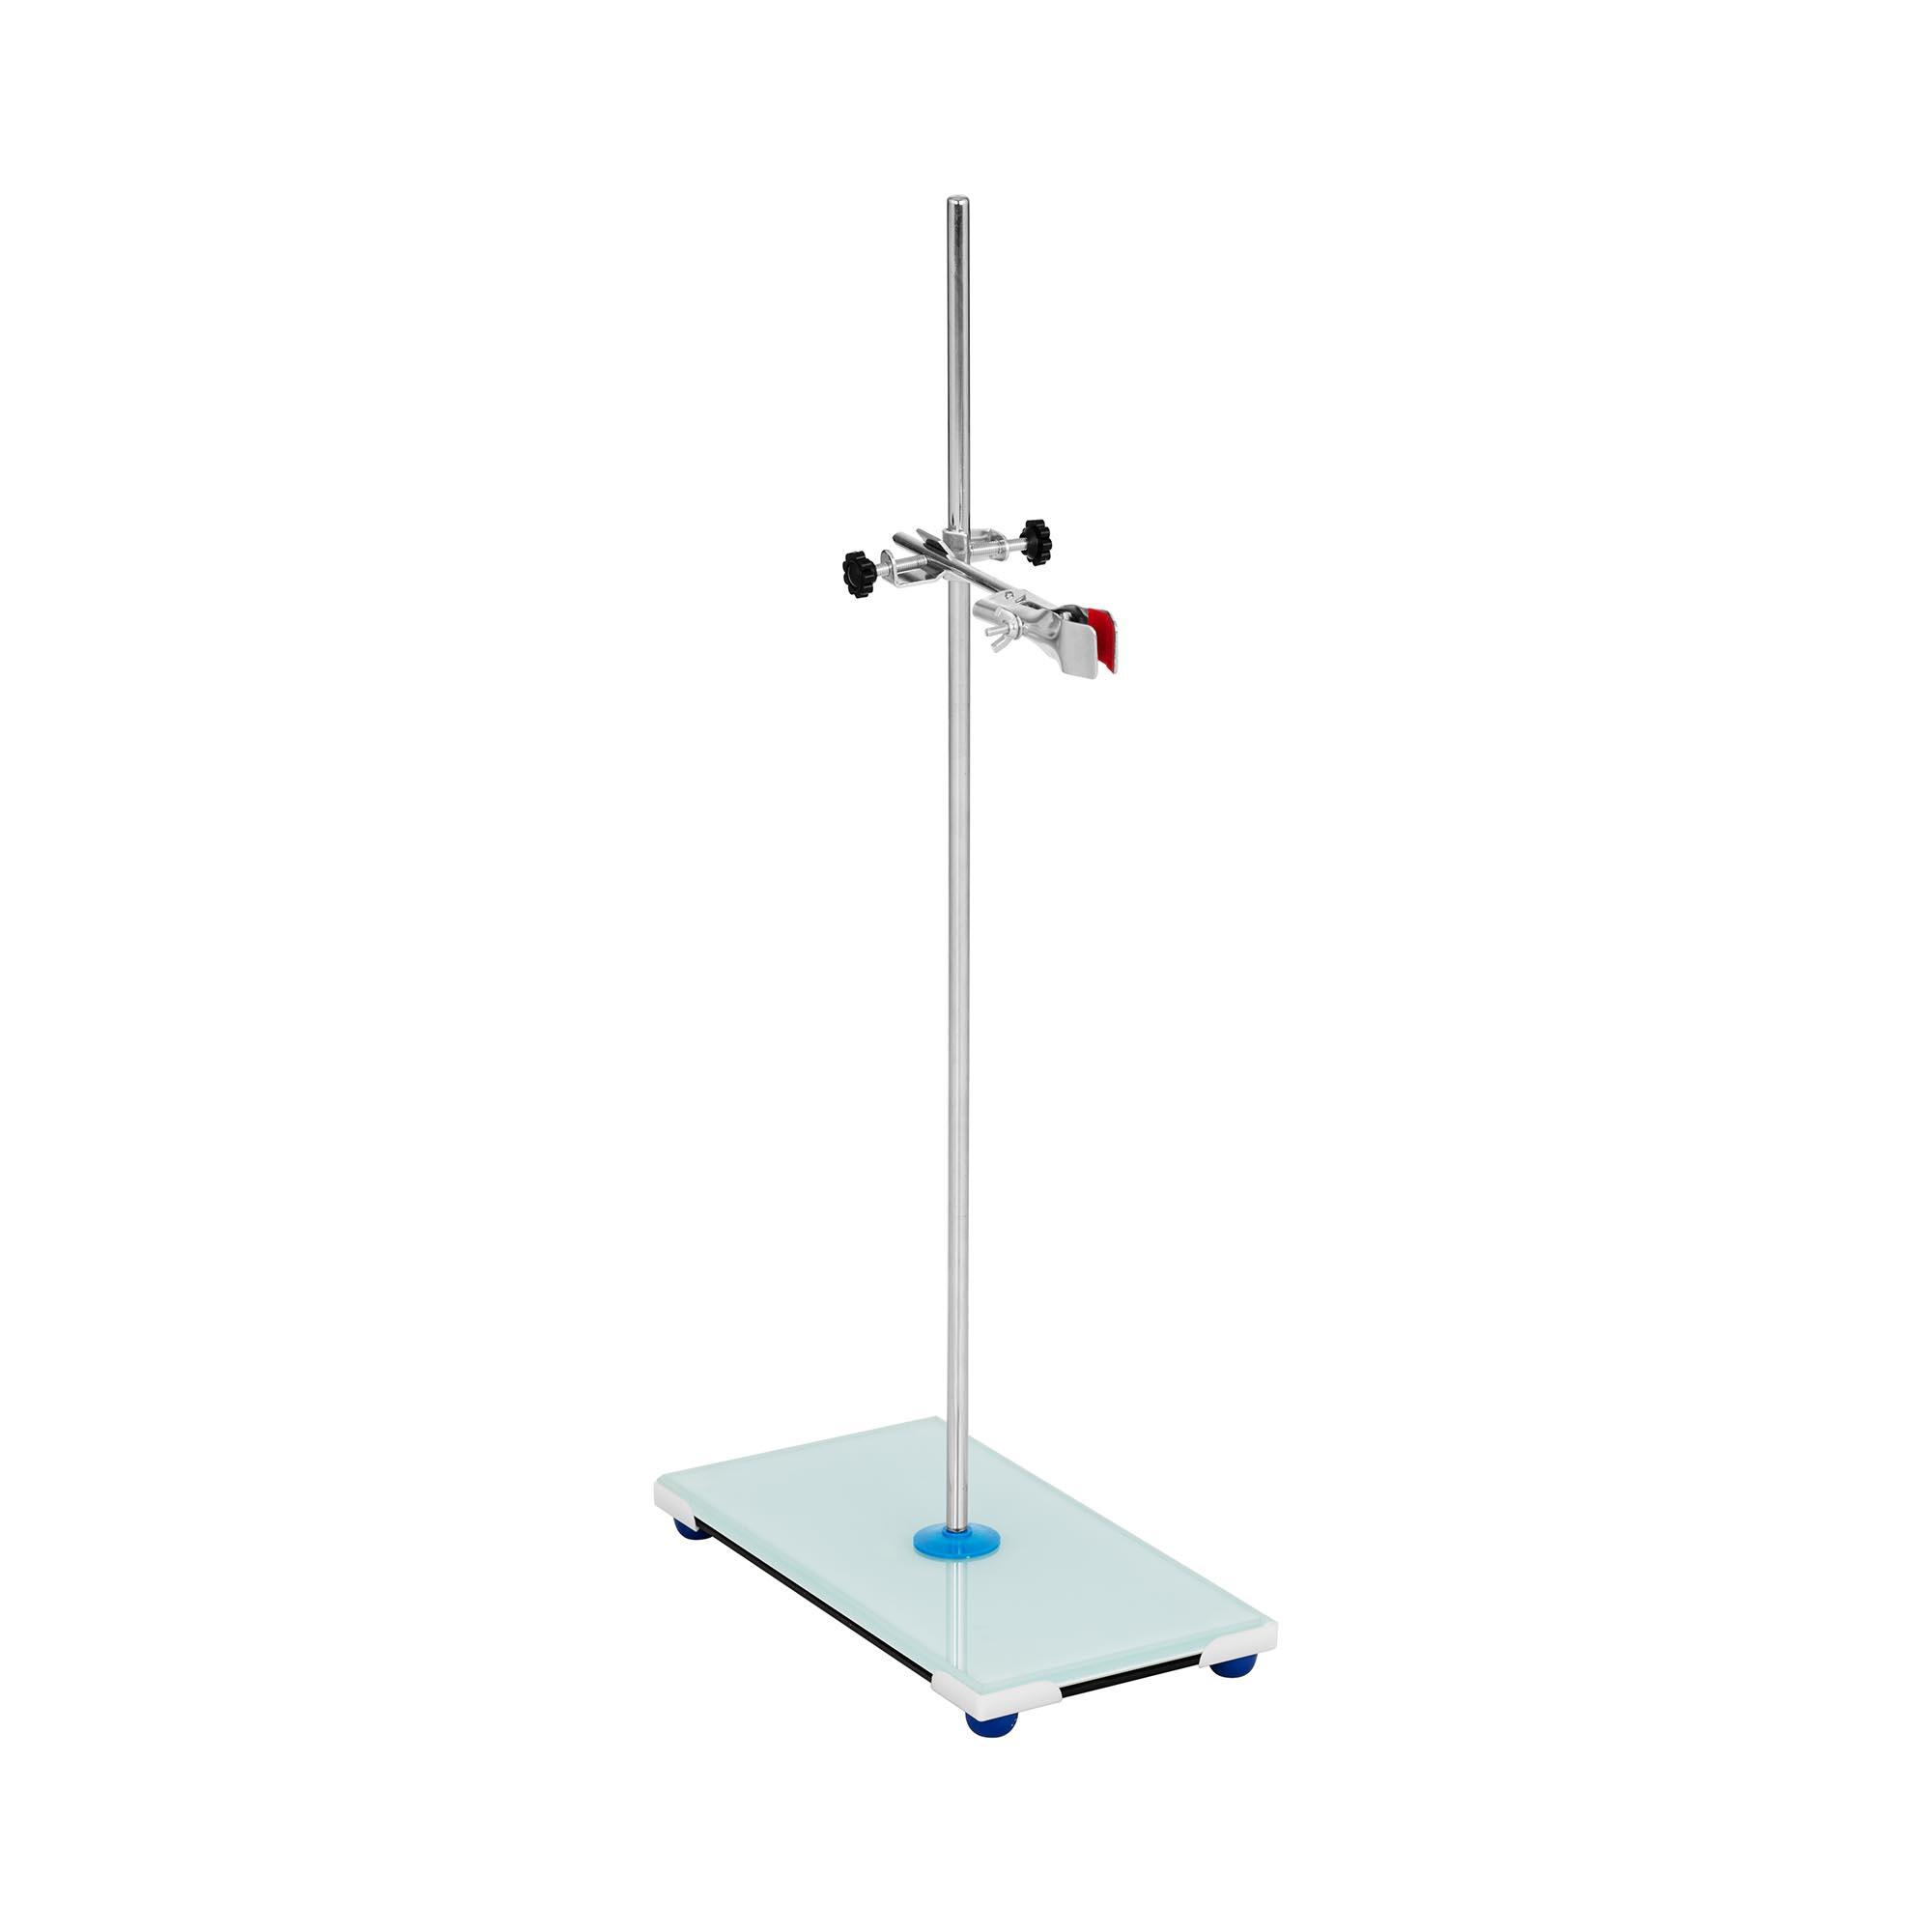 Steinberg Systems Laborstativ - mit Klemme und Muffe - Glasboden 10030614